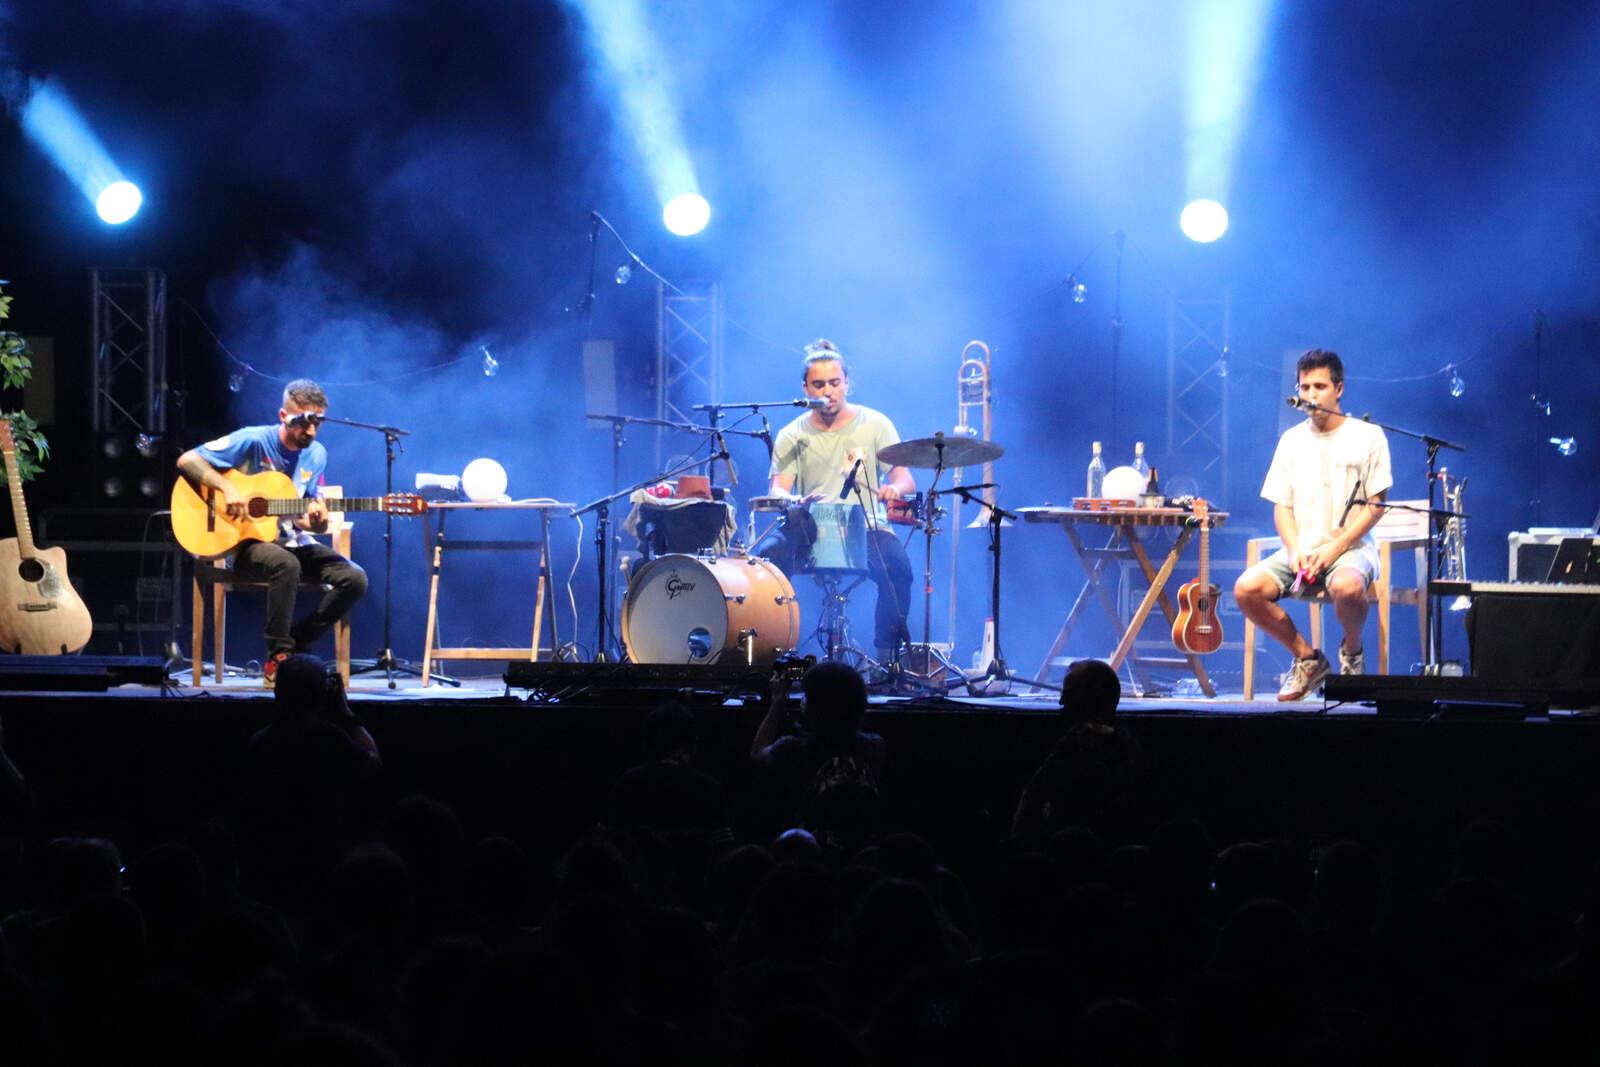 Stay Homas interpretant un dels seus temes en el concert de les Nits d'Acústica